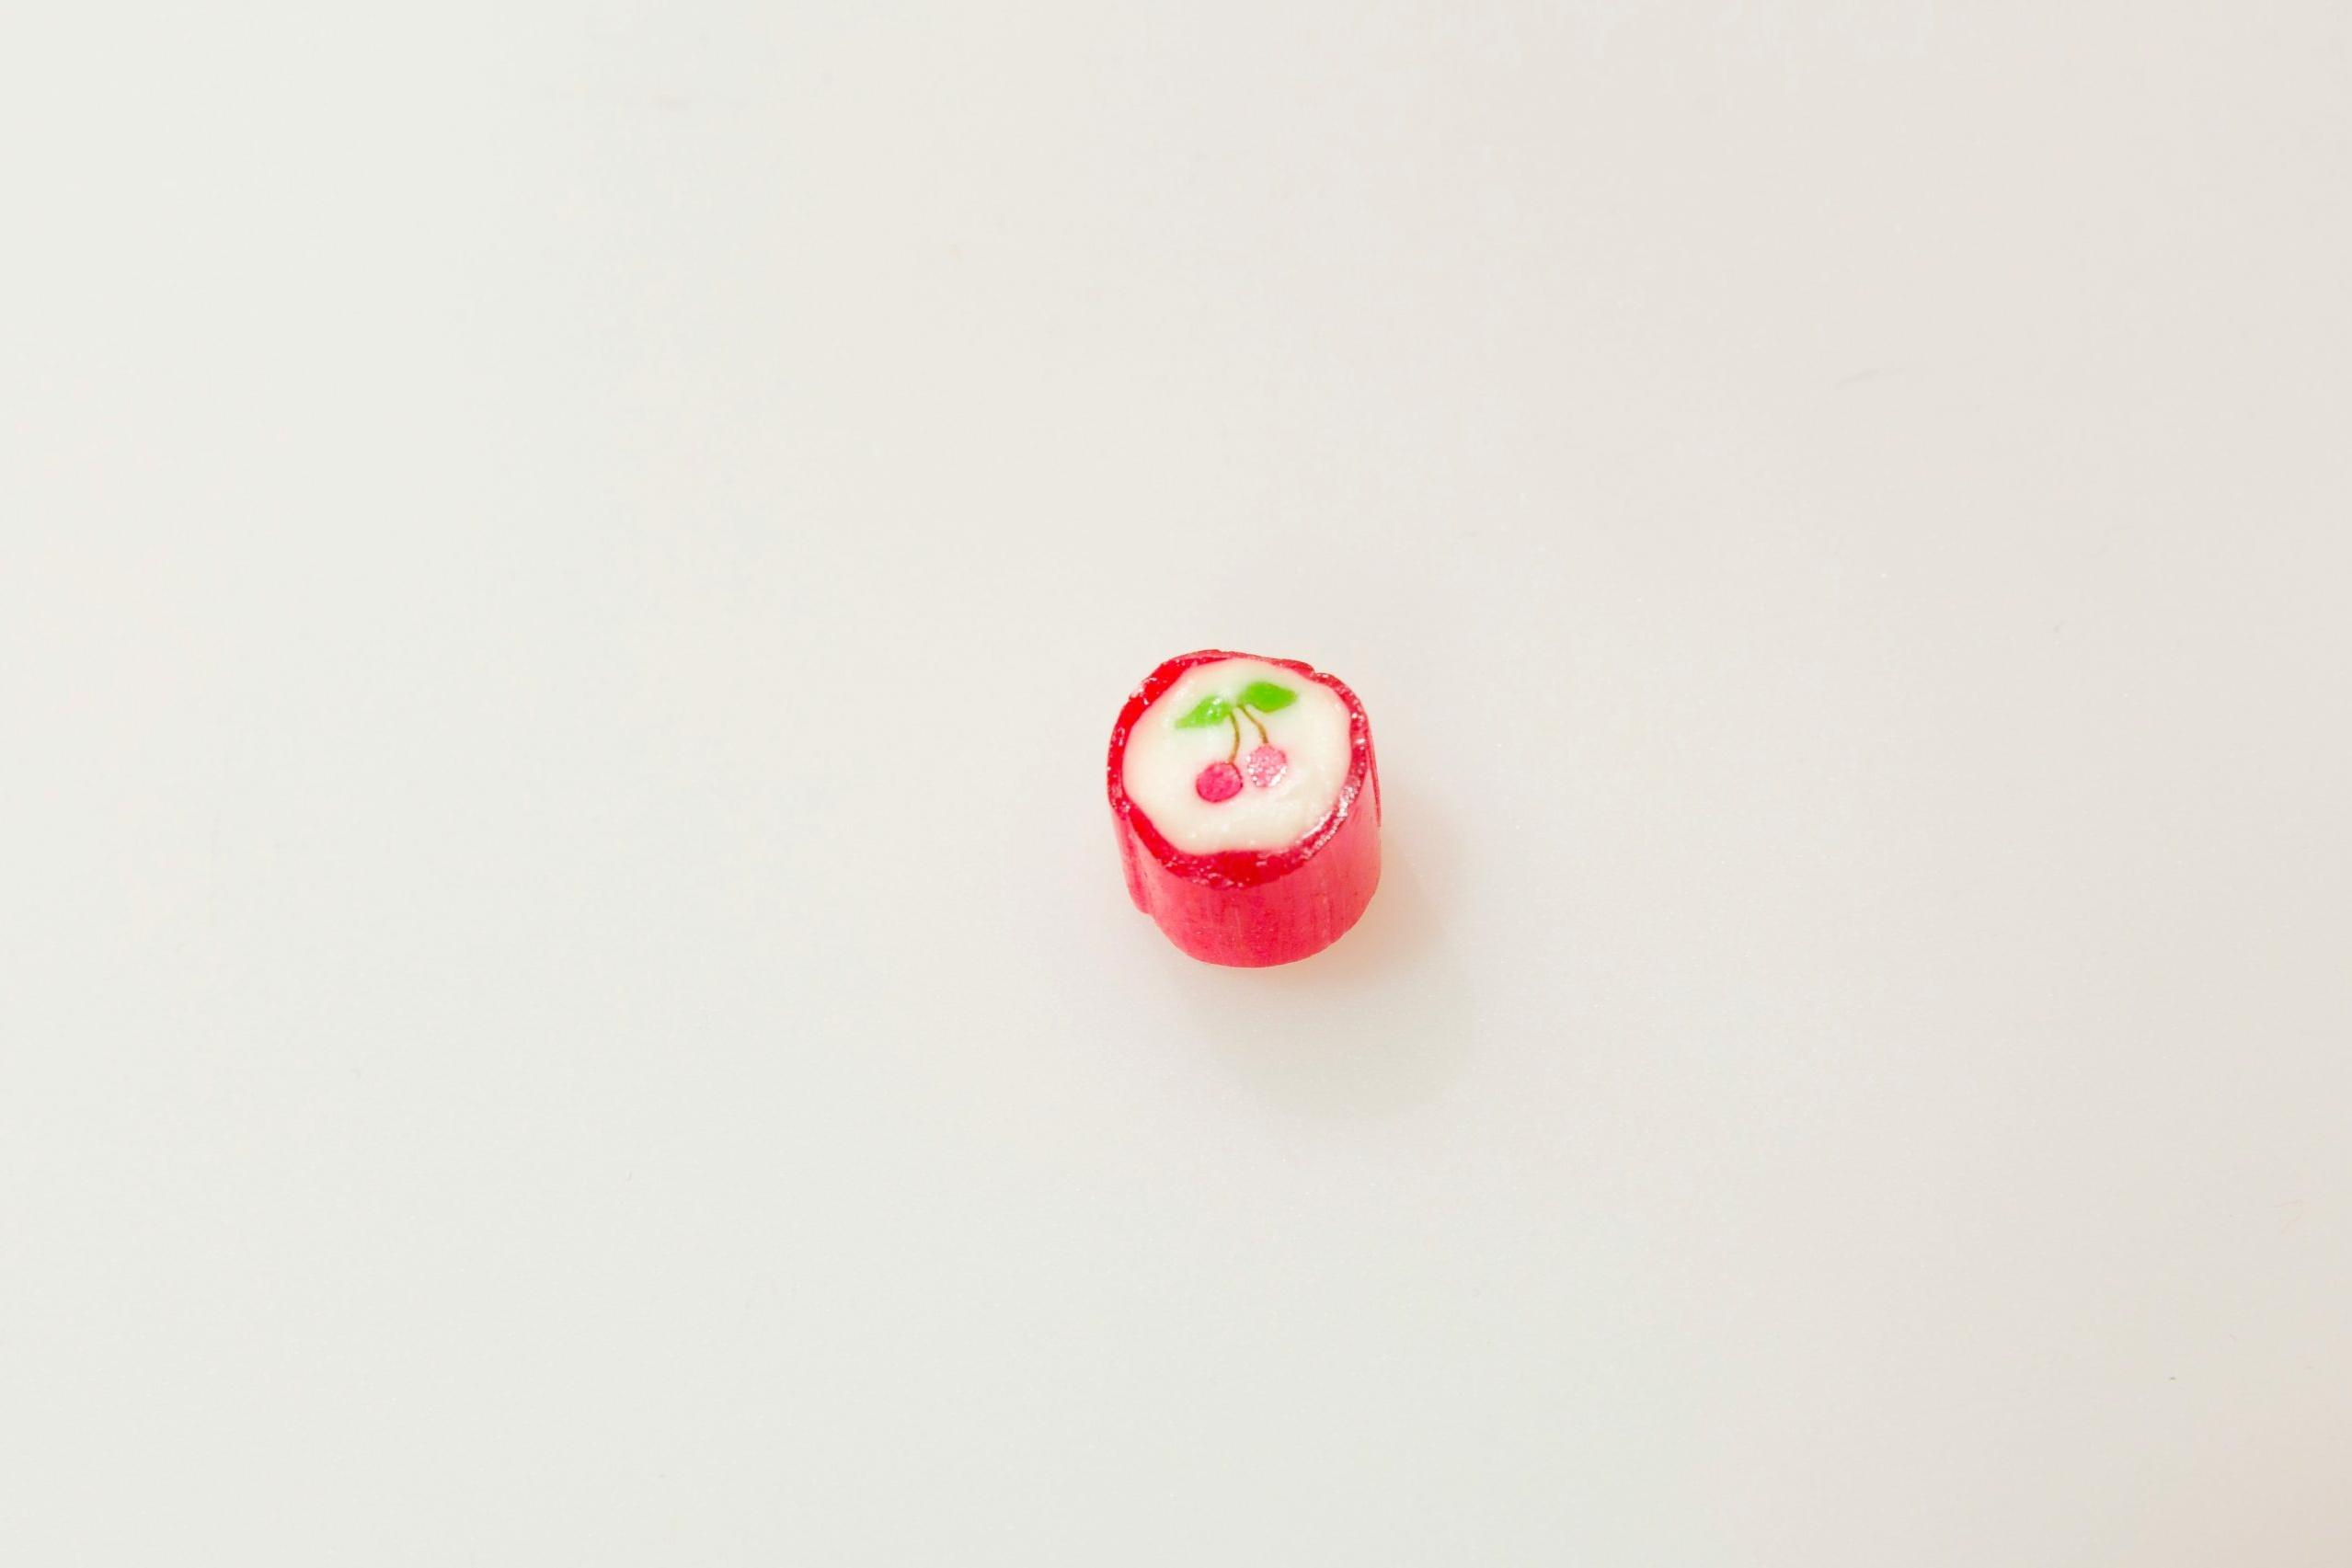 Fasten: Rot-weißes Bonbon mit einer abgebildeten Kirsche auf der Oberseite